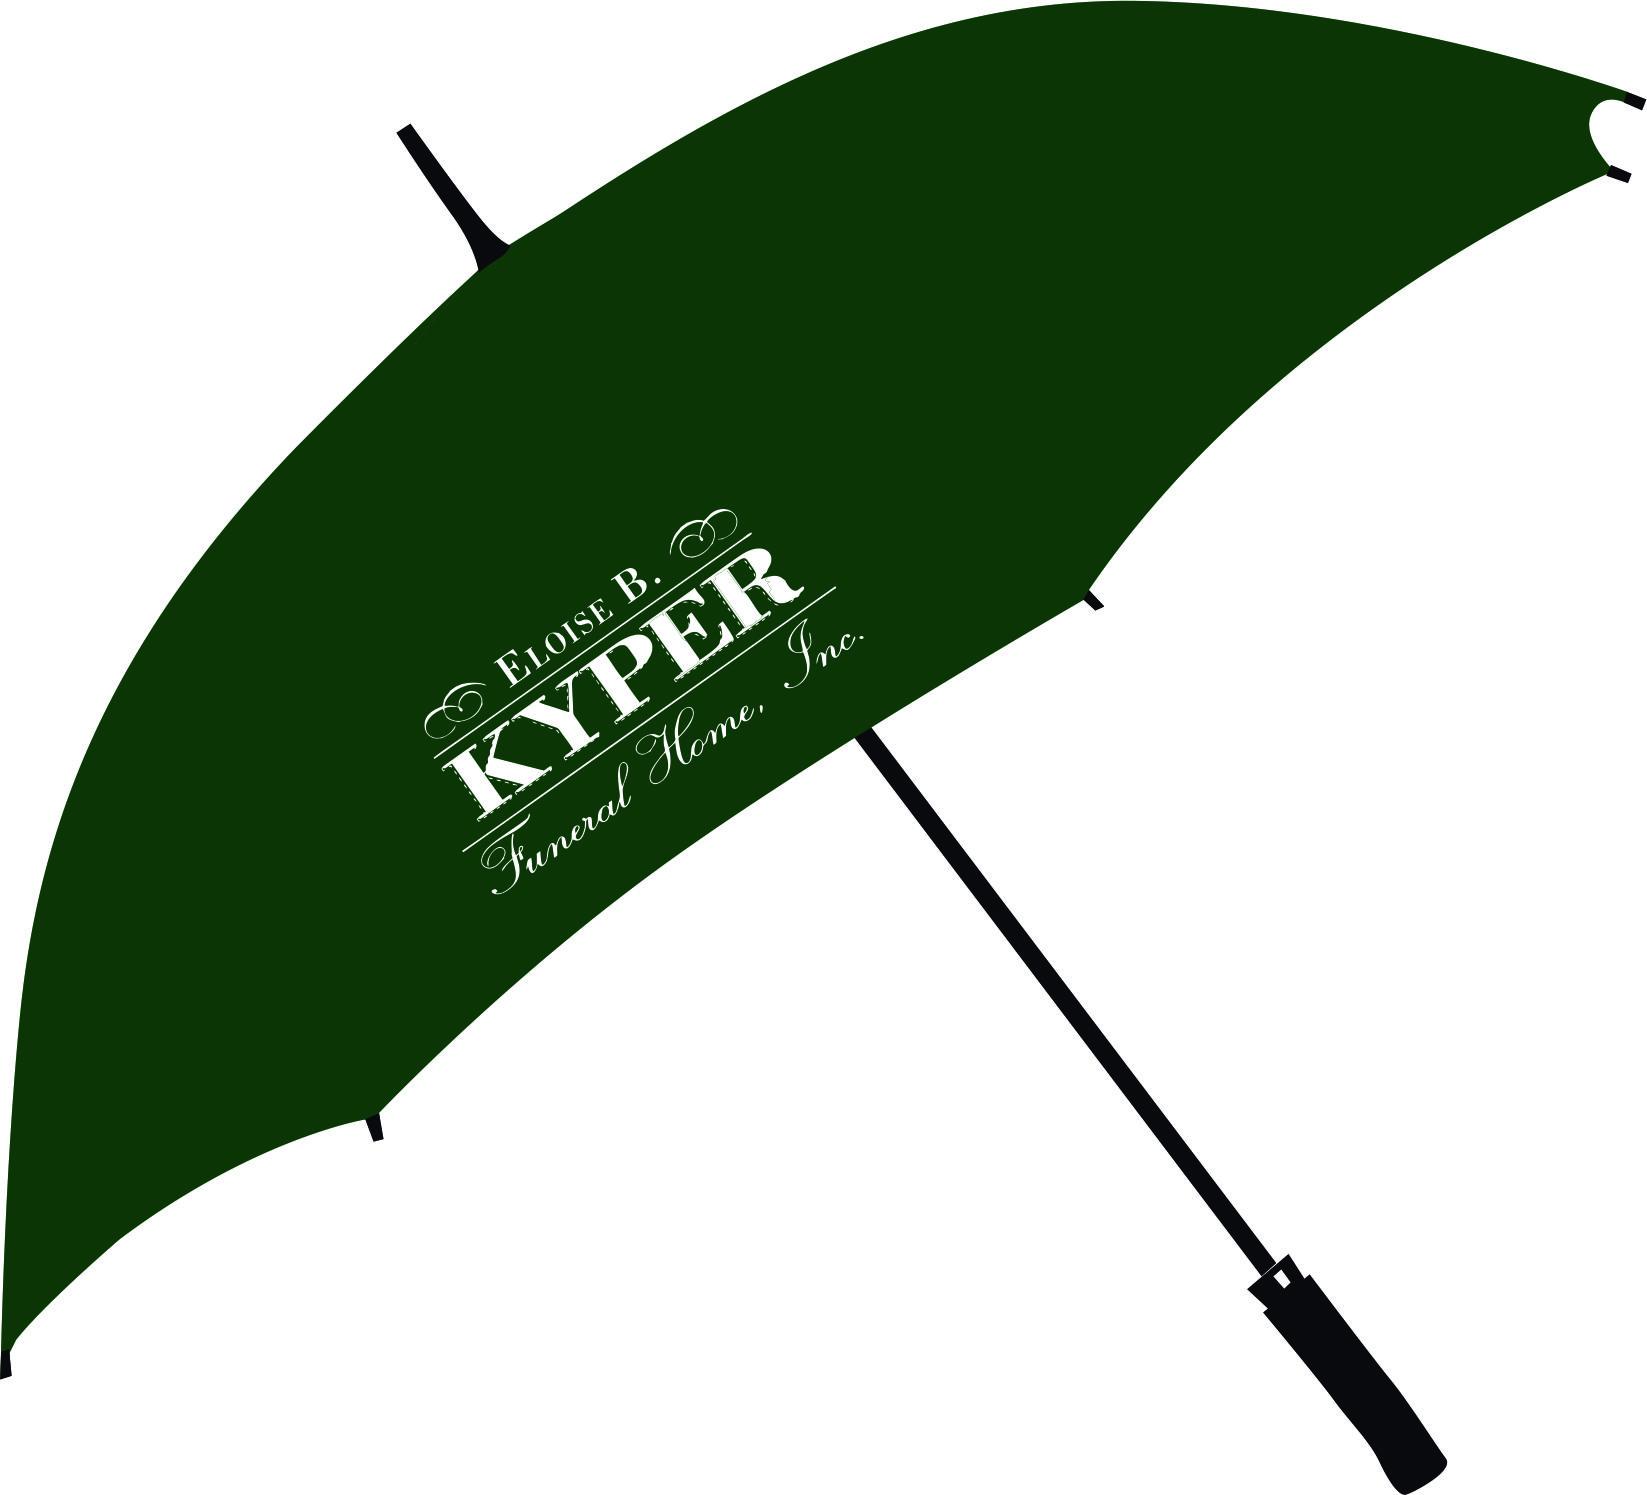 limousine umbrellas – Premium Quality Umbrellas